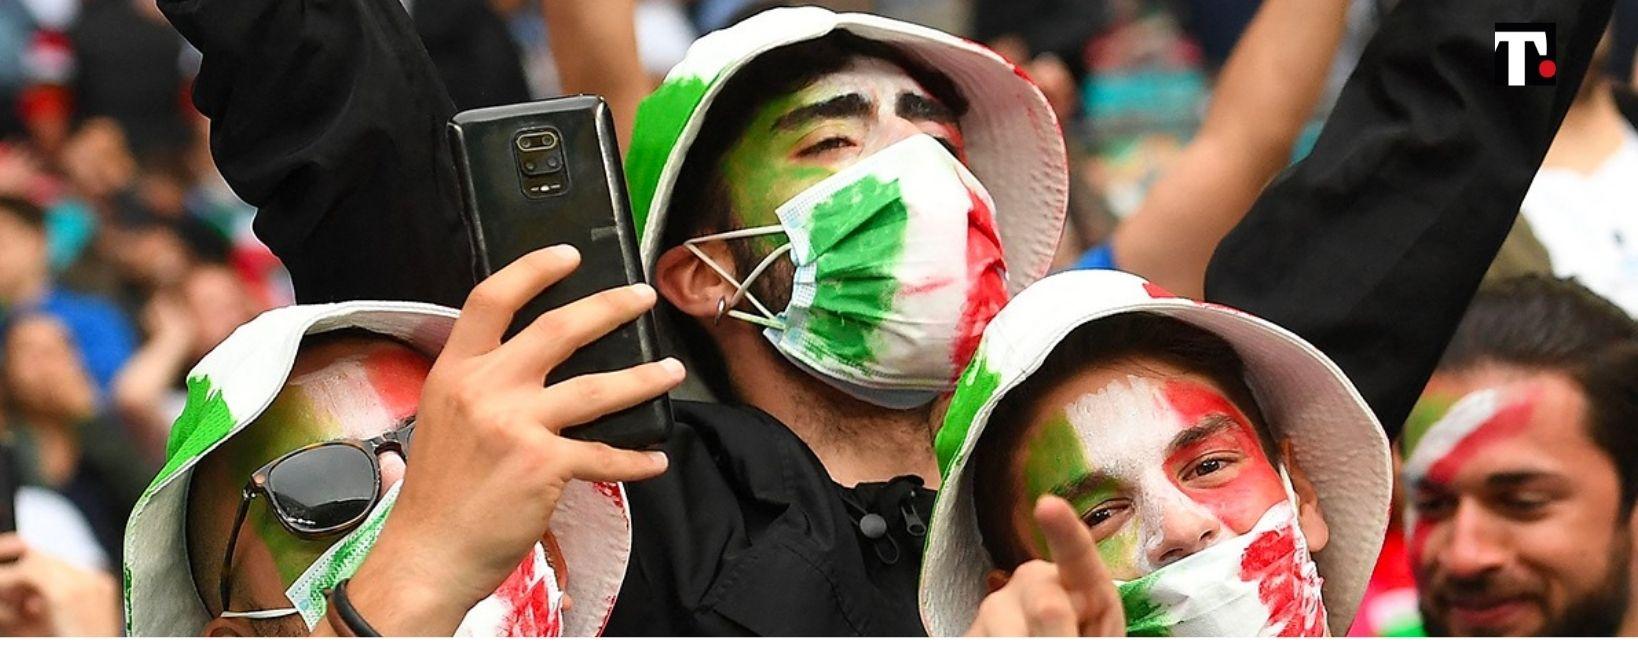 mascherine allo stadio